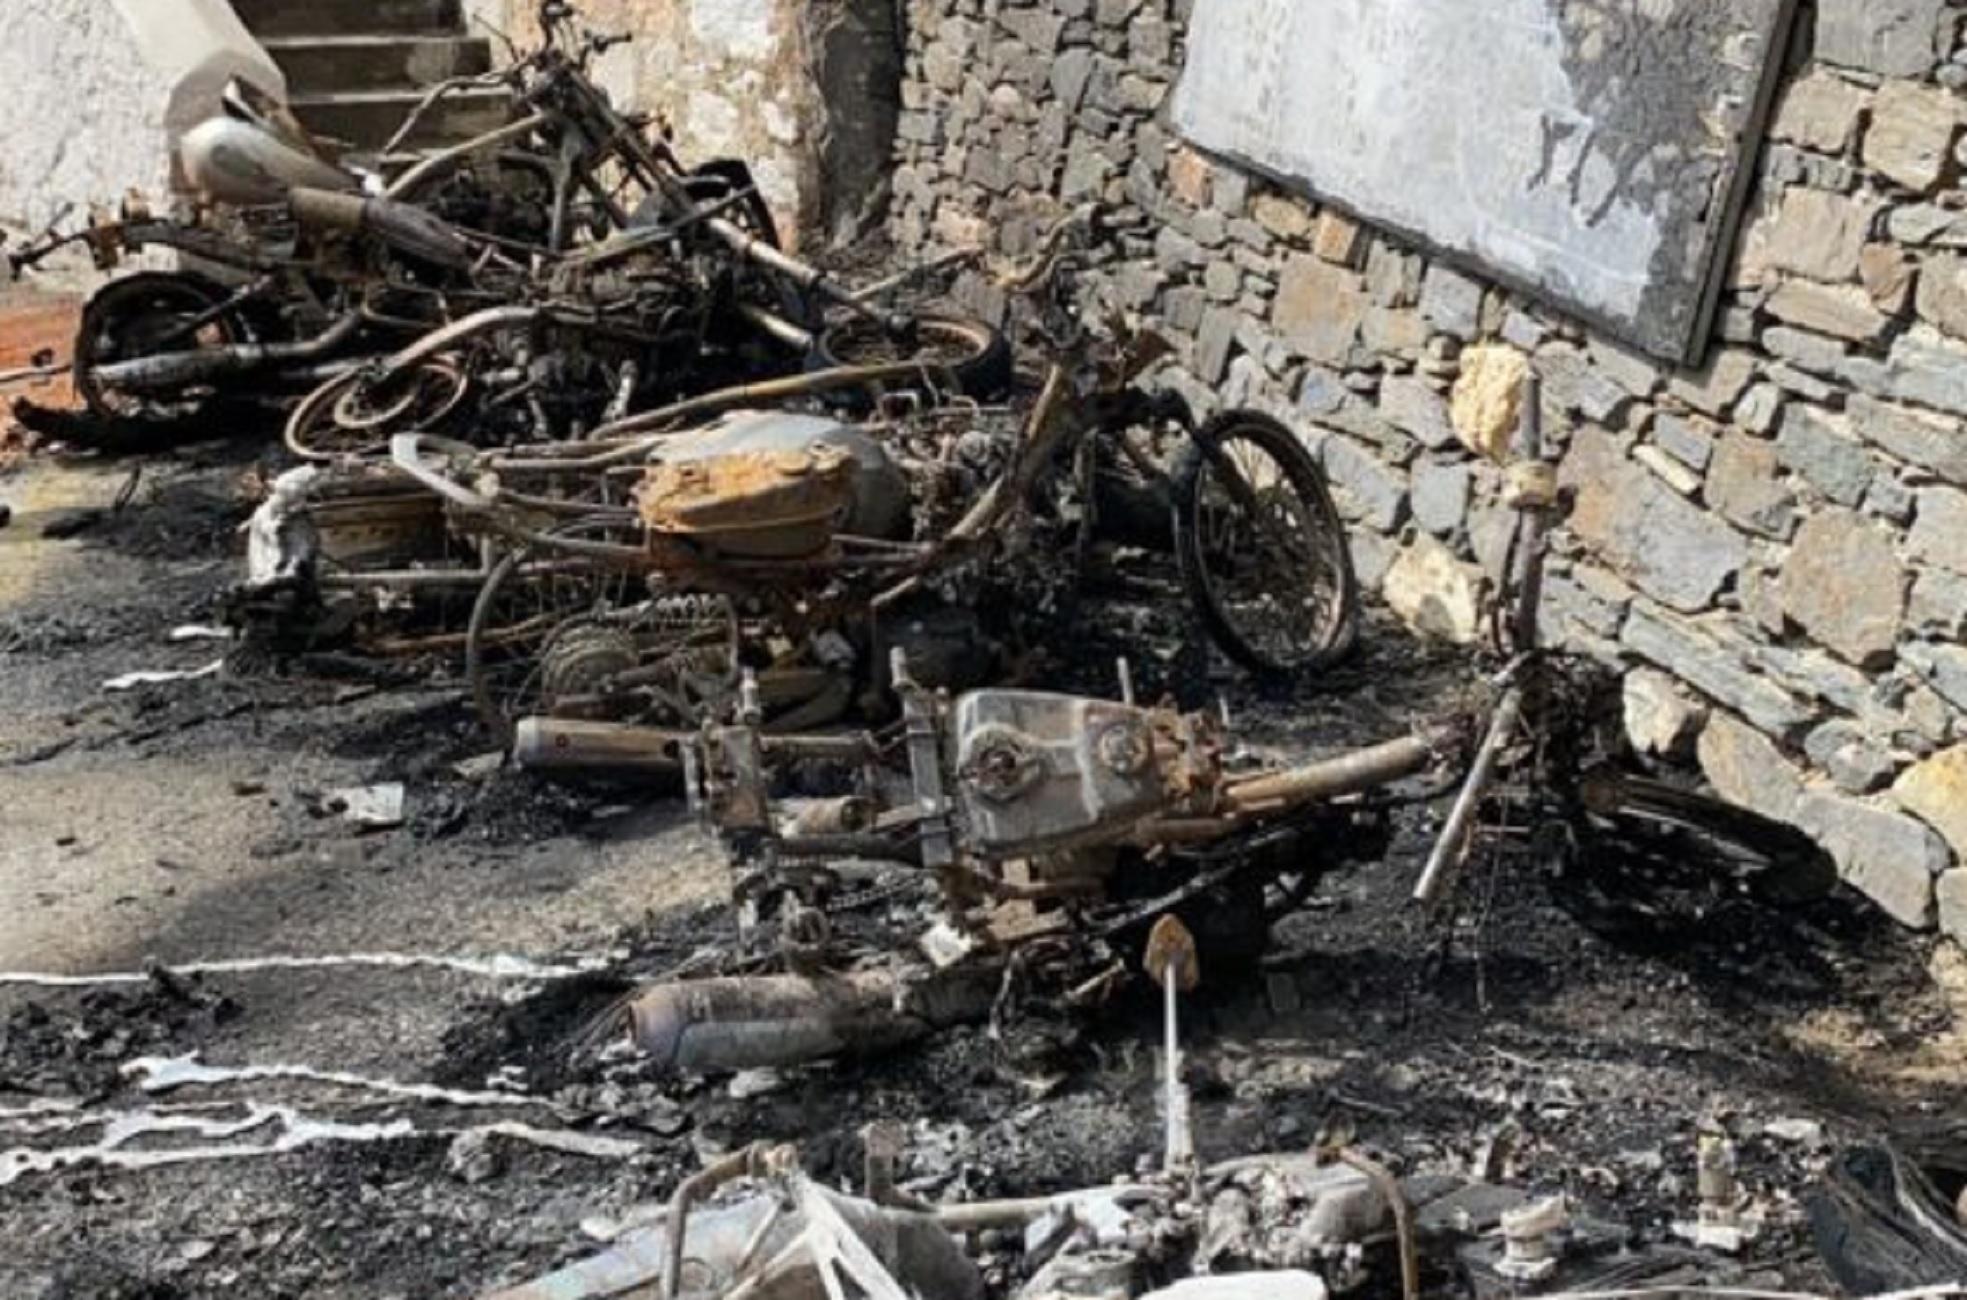 Σύρος: Τα μηχανάκια έγιναν στάχτη στη σειρά – Δεν γλίτωσε κανένα από την περίεργη φωτιά στο σημείο (pics)